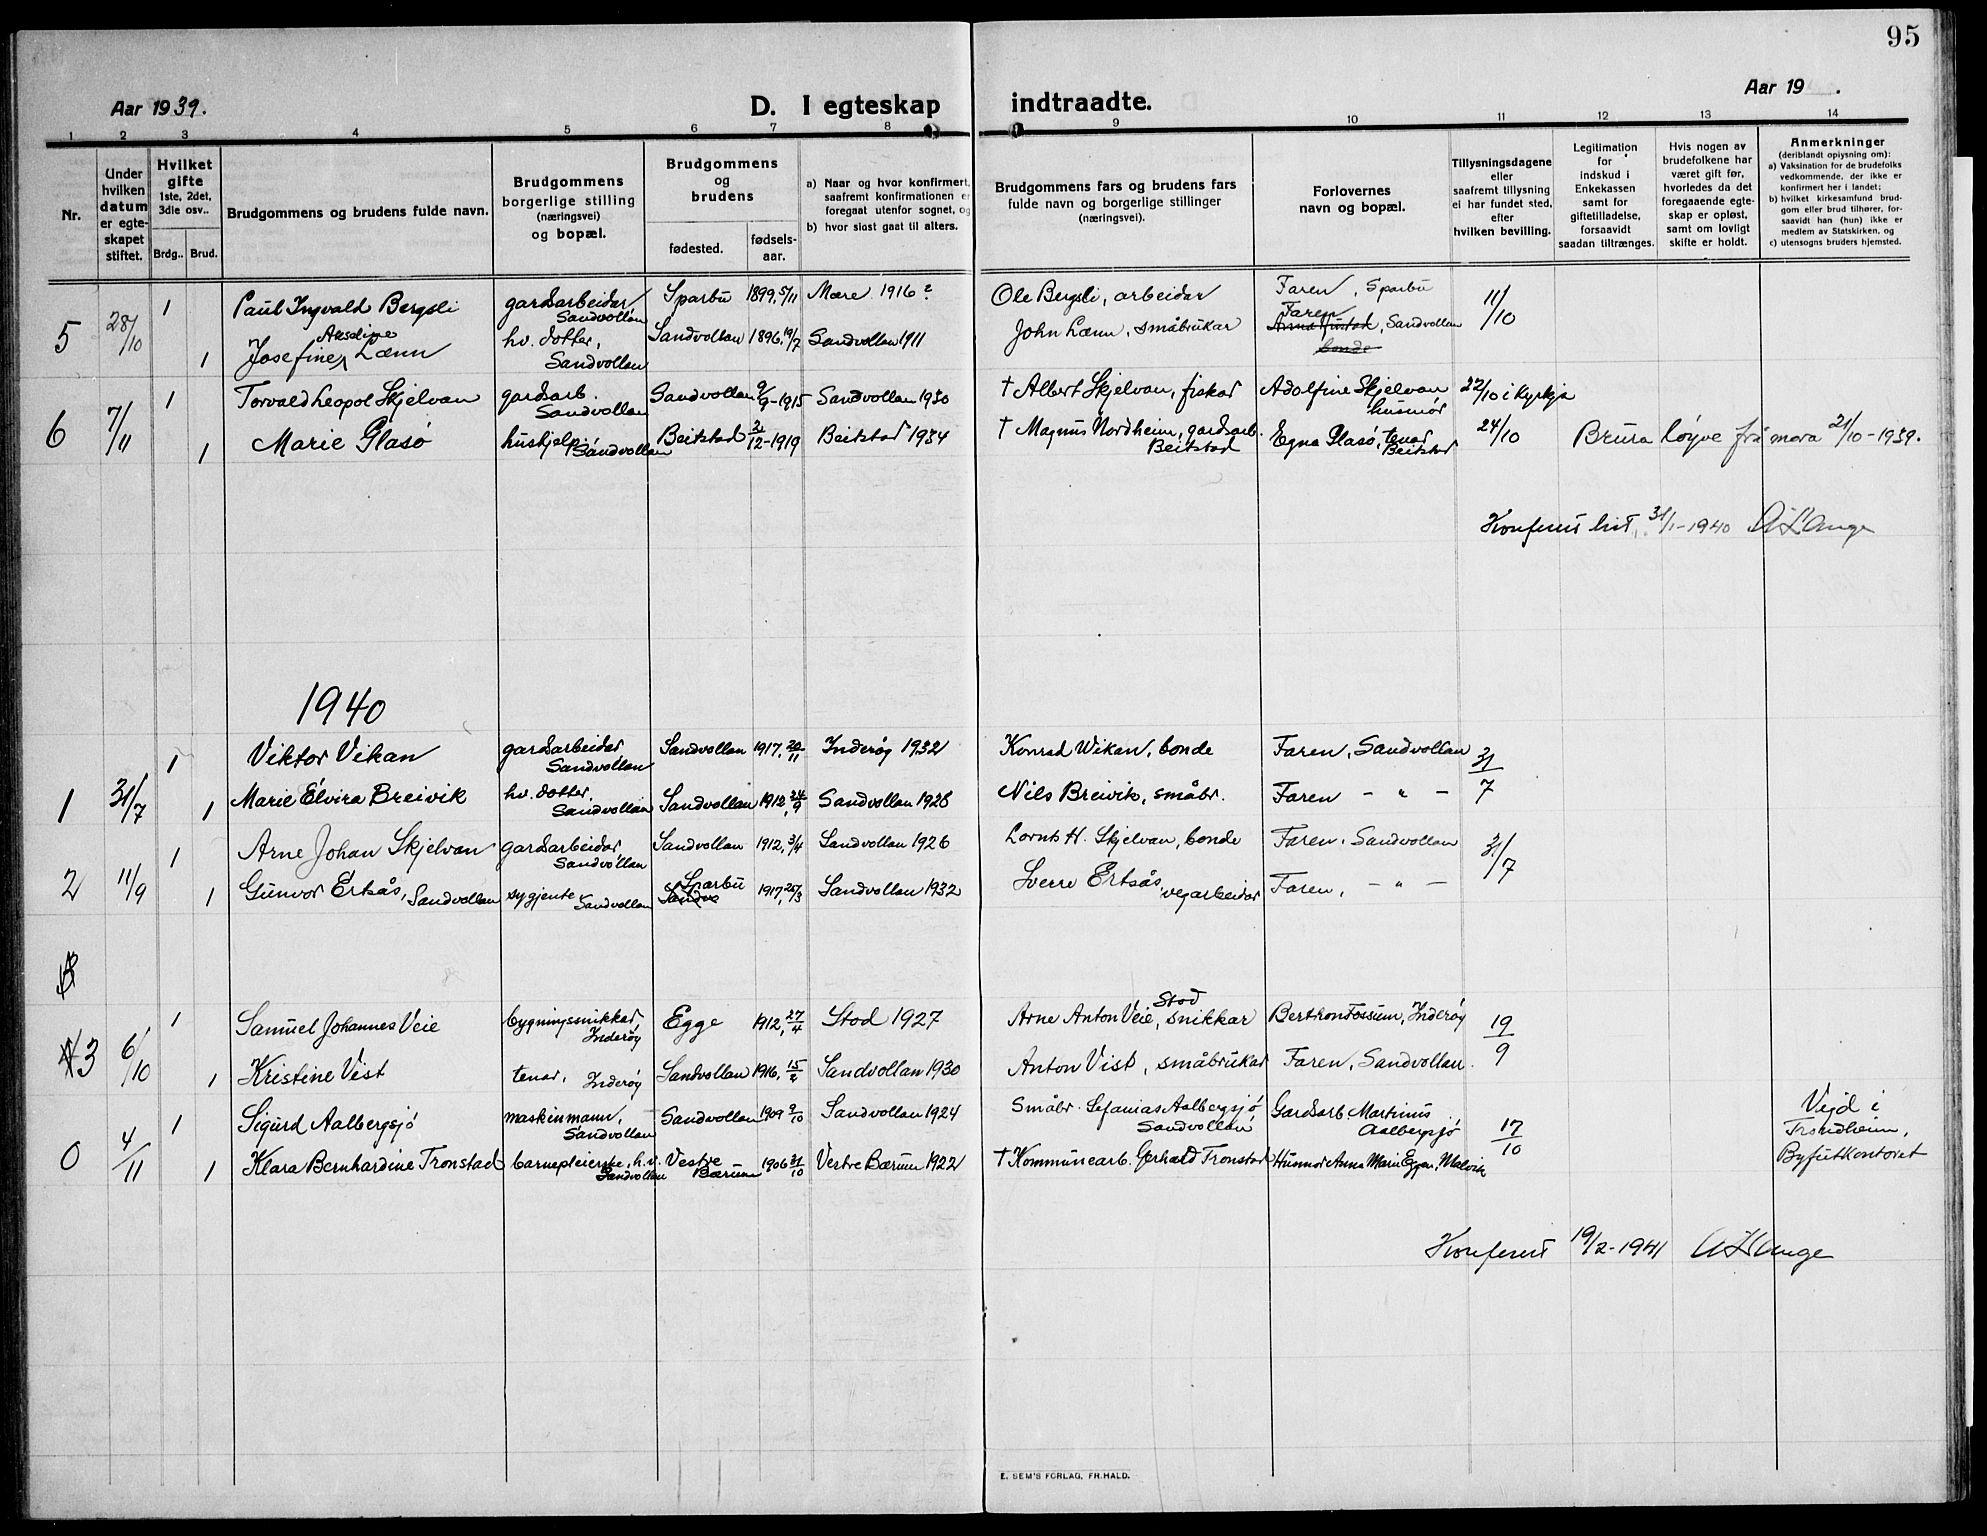 SAT, Ministerialprotokoller, klokkerbøker og fødselsregistre - Nord-Trøndelag, 732/L0319: Klokkerbok nr. 732C03, 1911-1945, s. 95